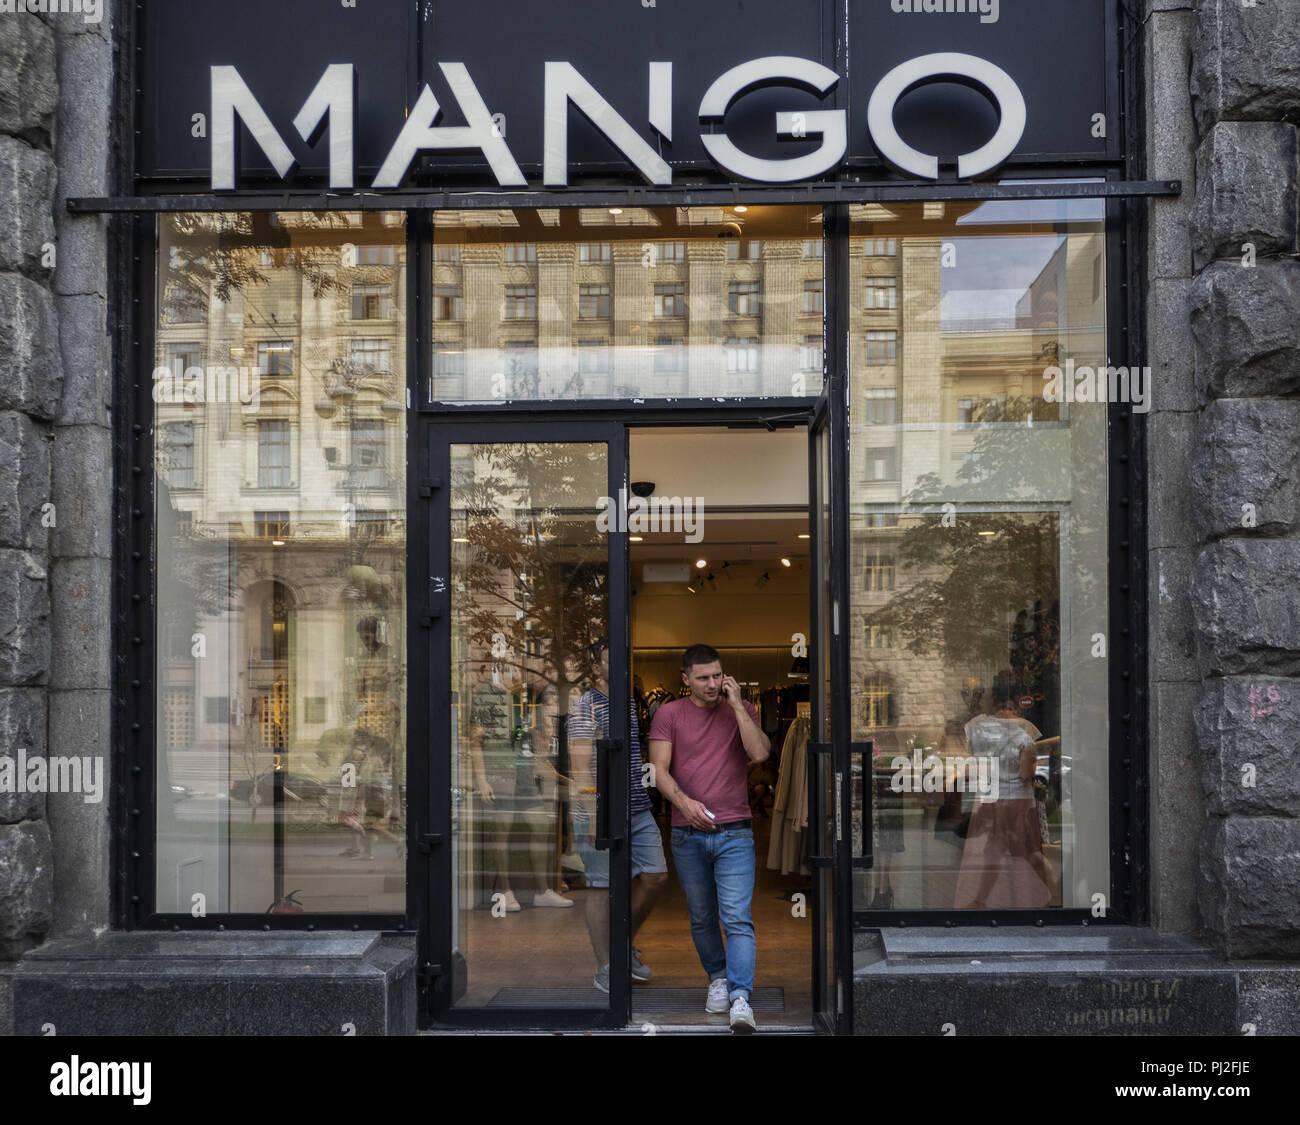 quality design 39371 64f61 Kiev, Ucraina. 3 Sep, 2018. Negozio di mango. Il Mango è un ...